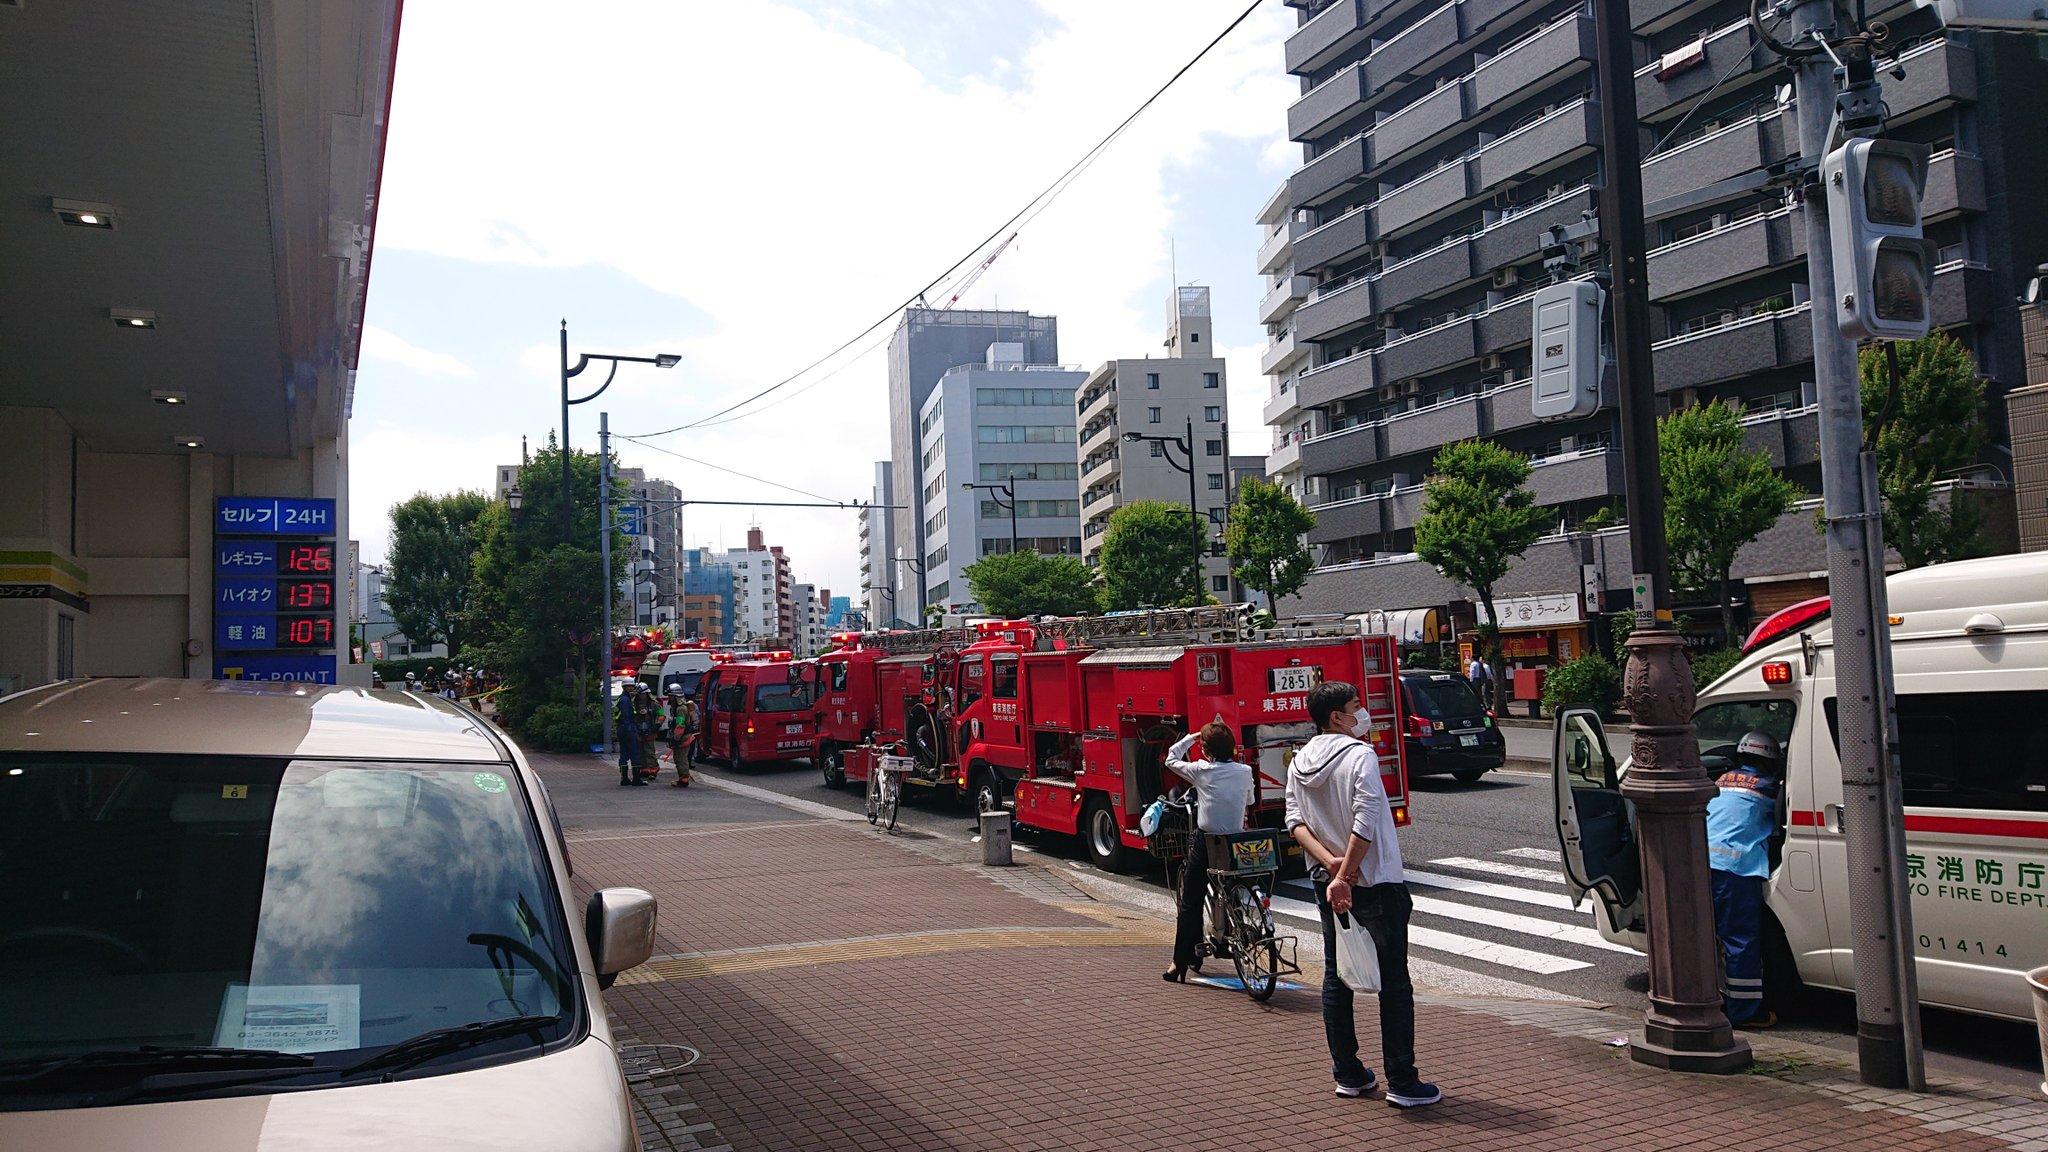 画像,木場駅付近に消防車めちゃ集まってきた。作業中になにかが破裂したようです。火事では無いようで一安心。ですが、怪我をされた方がいるようす。#木場 #消防車 #火事 …